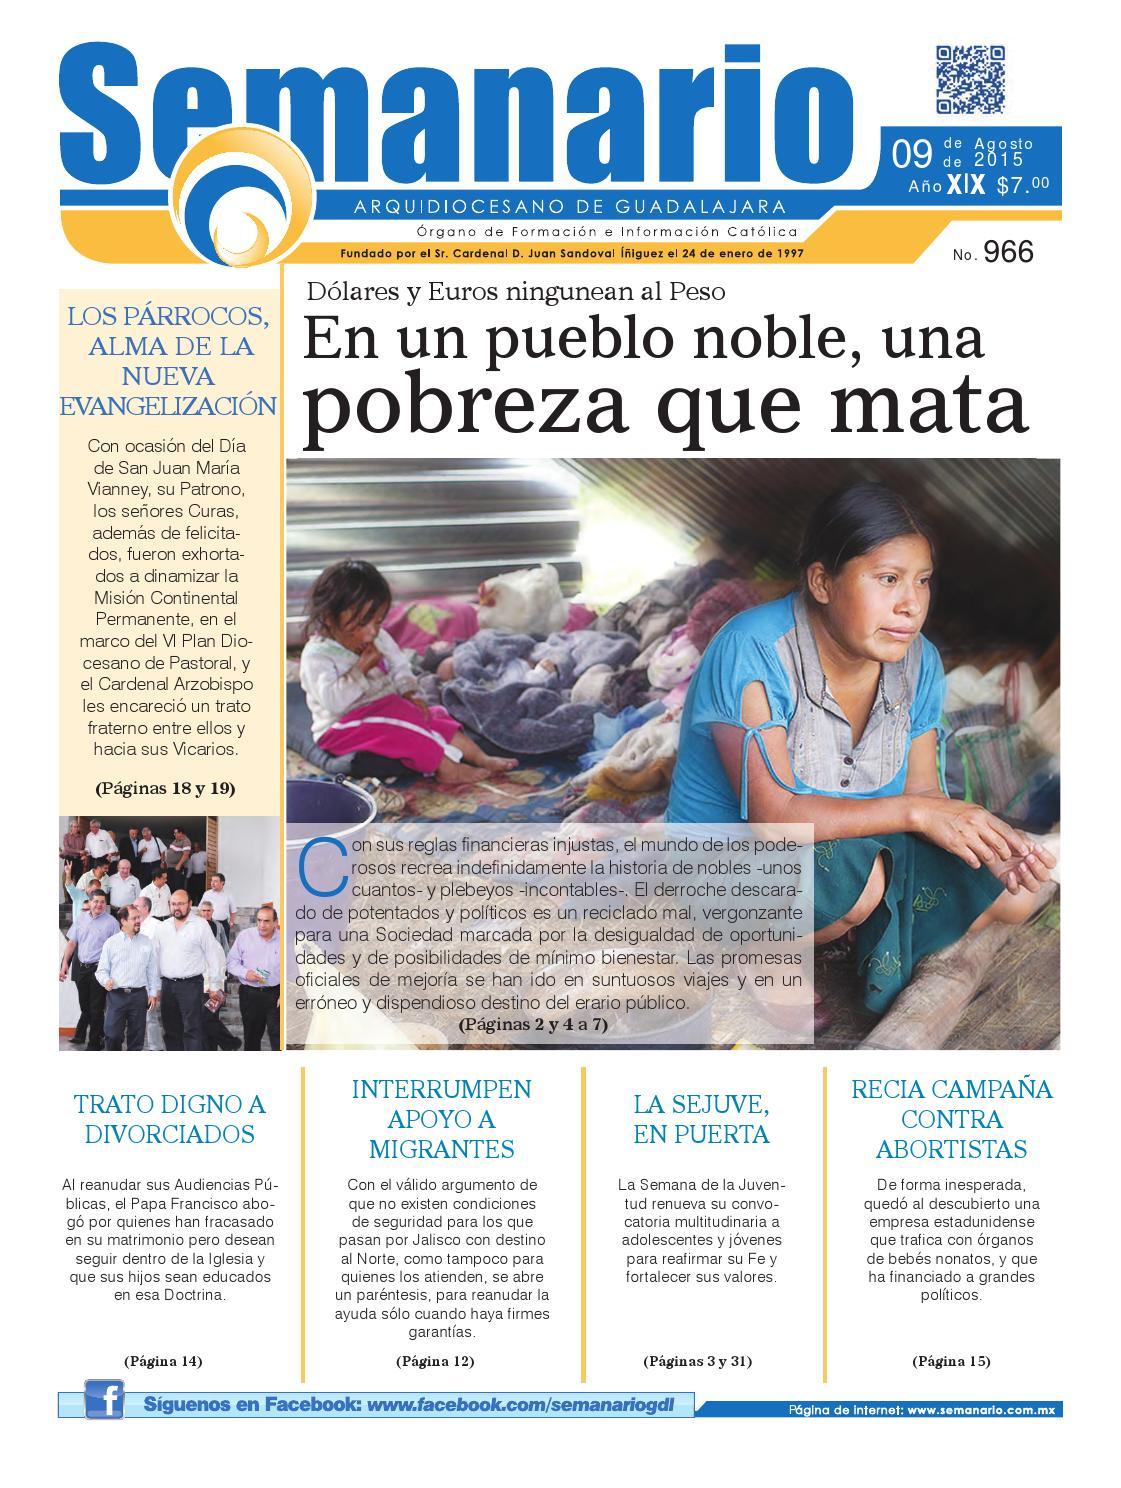 Semanario #966 by Semanario Arquidiocesano de Guadalajara - issuu